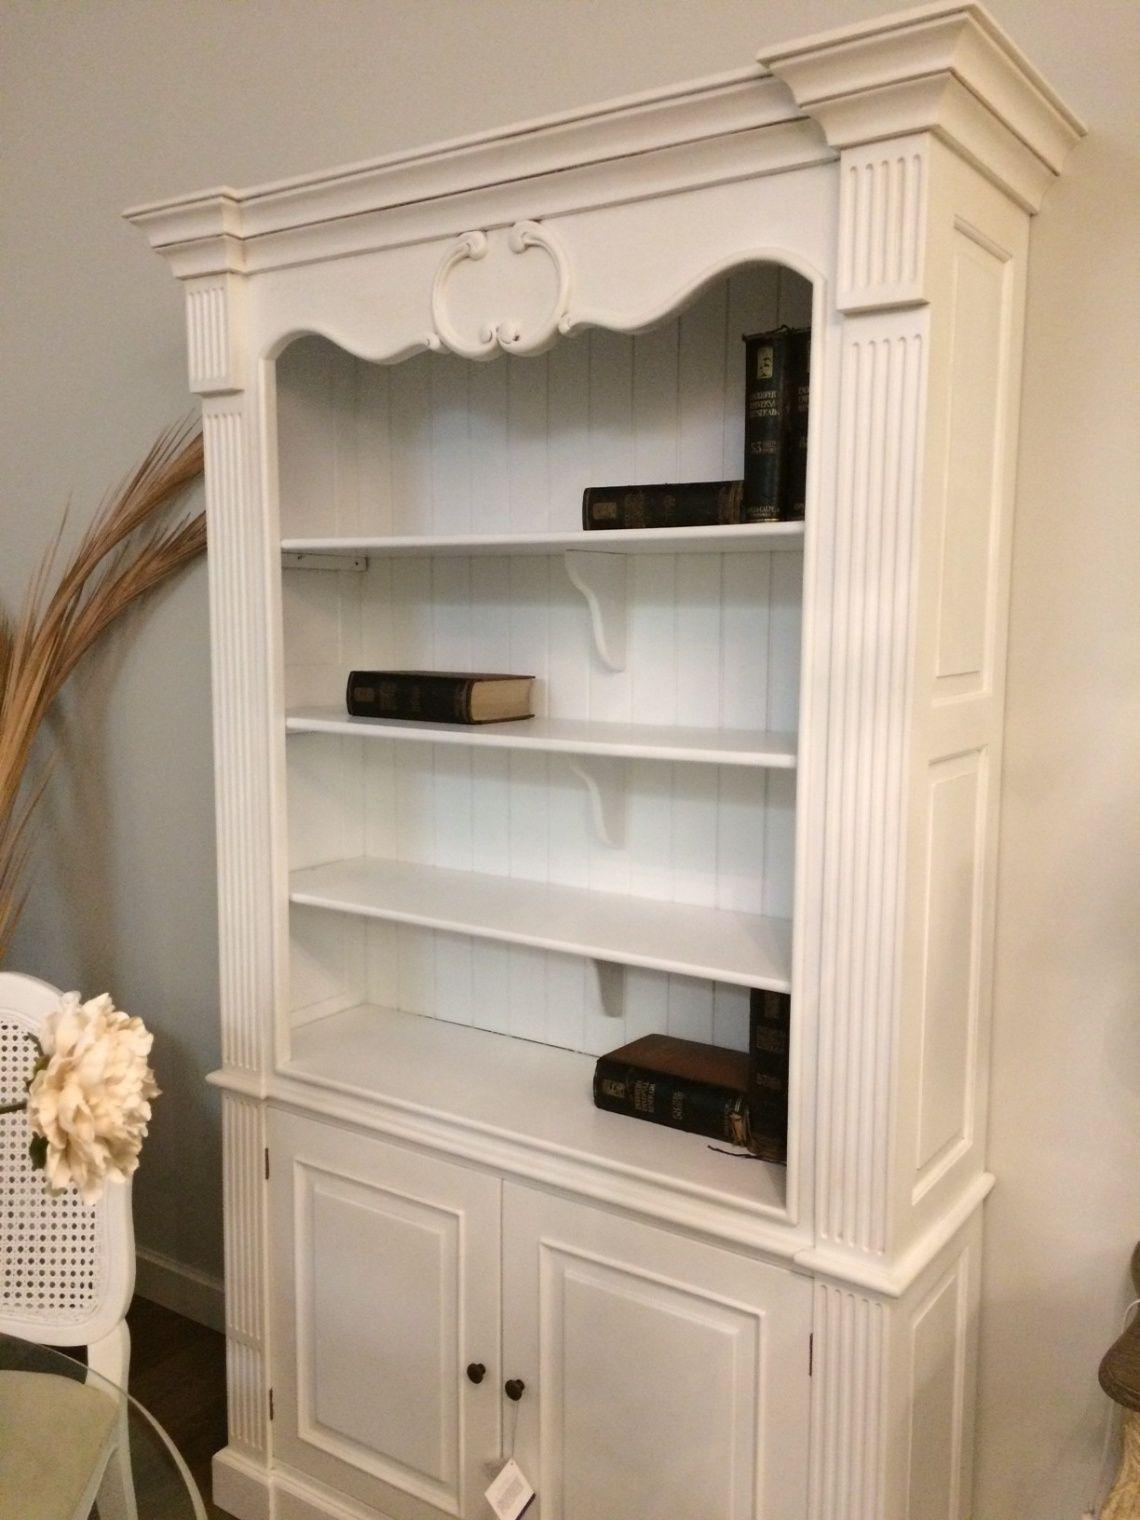 599 Estantera biblioteca lacada en blanco Mueble clsico